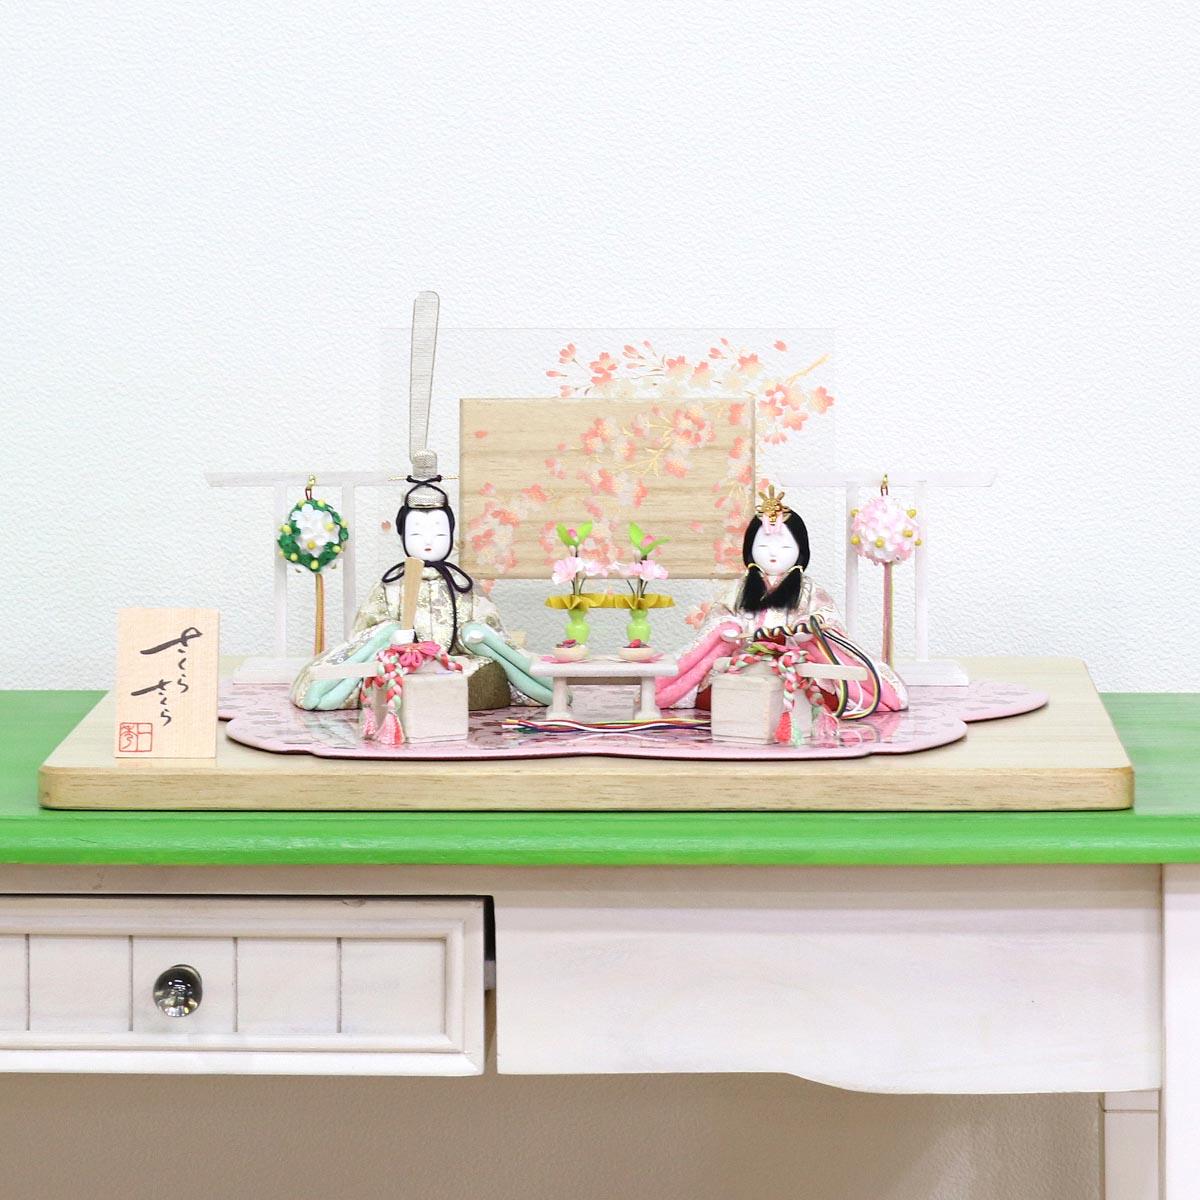 雛人形 一秀 コンパクト 木目込み飾り さくらさくら 親王飾り 2号 金彩 雛人形 HNIS-C-124ひな人形 かわいい おしゃれ インテリア 雛 木目込人形飾り ひな人形 小さい ミニ [P20]